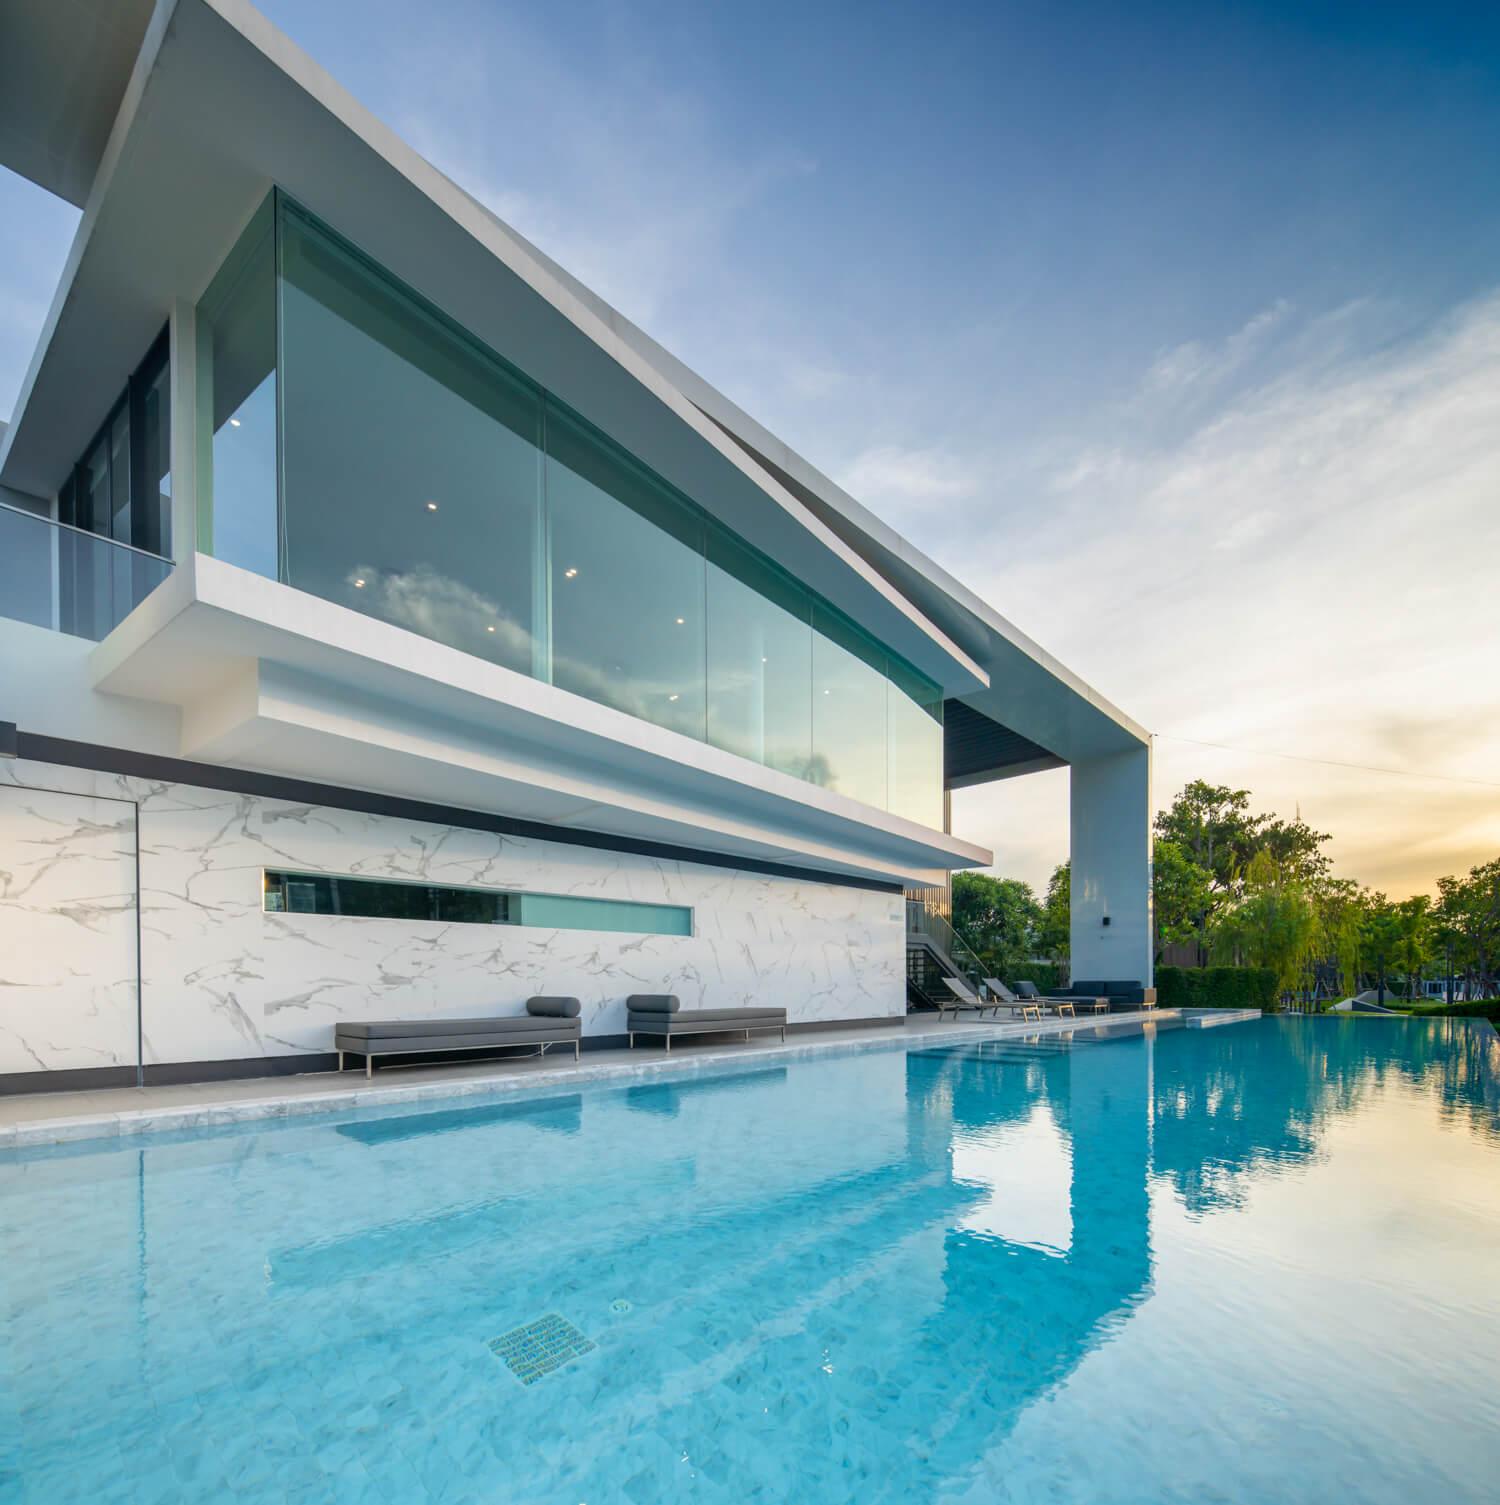 7 โครงการบ้านเอพีช่วยผ่อน 30 เดือน สุขสวัสดิ์-ประชาอุทิศ เข้าเมืองง่าย ทาวน์โฮม-บ้าน เริ่ม 1.99 ล้าน 23 - AP (Thailand) - เอพี (ไทยแลนด์)